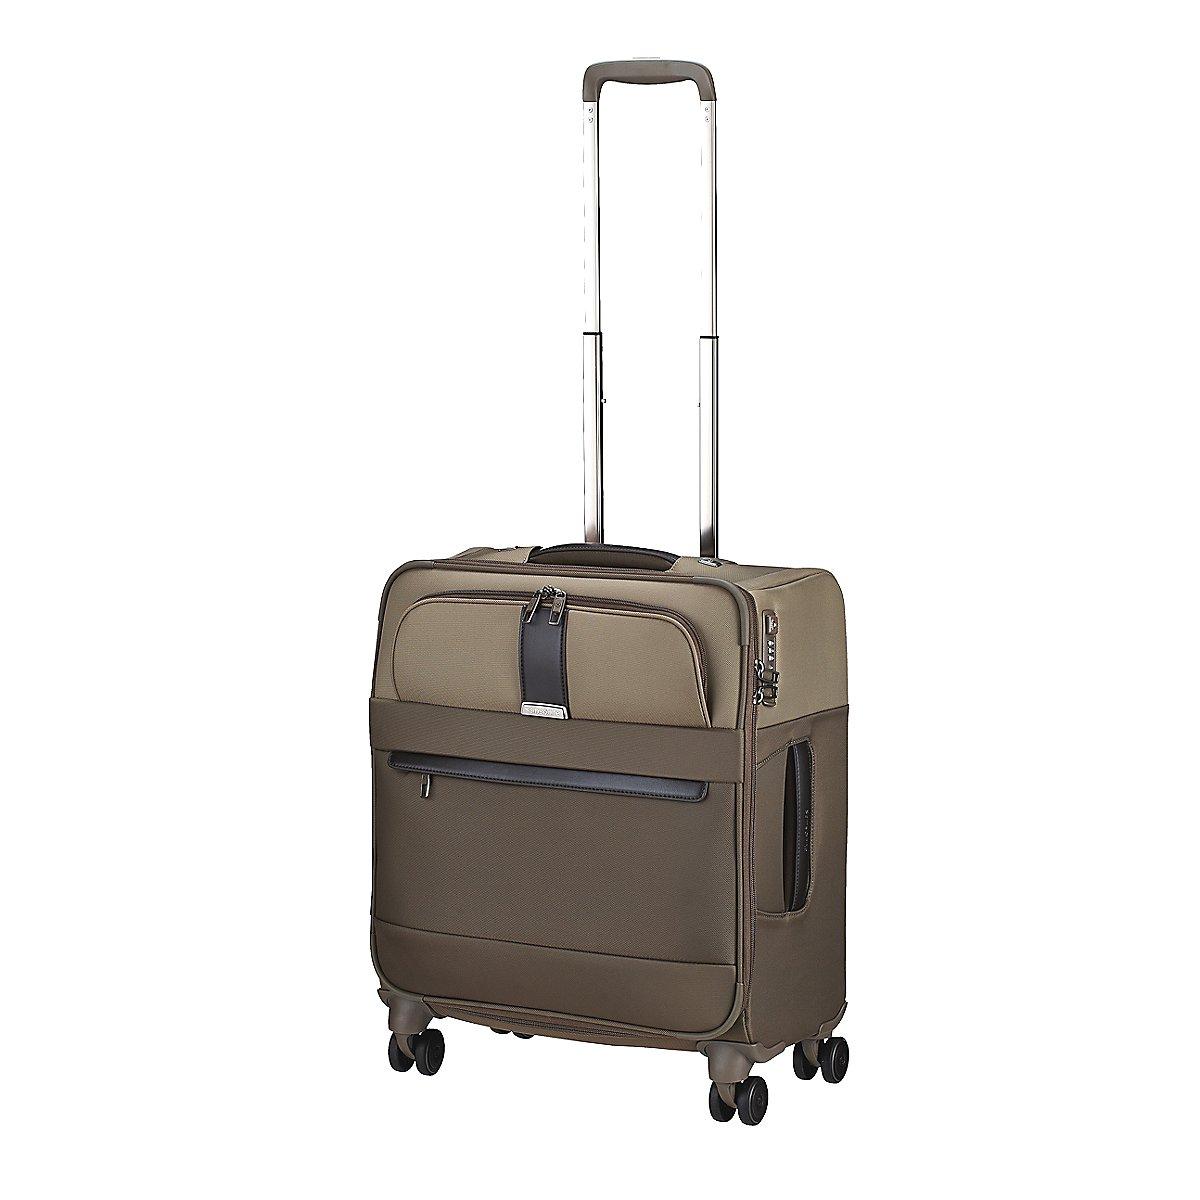 samsonite streamlife 4 rollen trolley 56 cm koffer. Black Bedroom Furniture Sets. Home Design Ideas